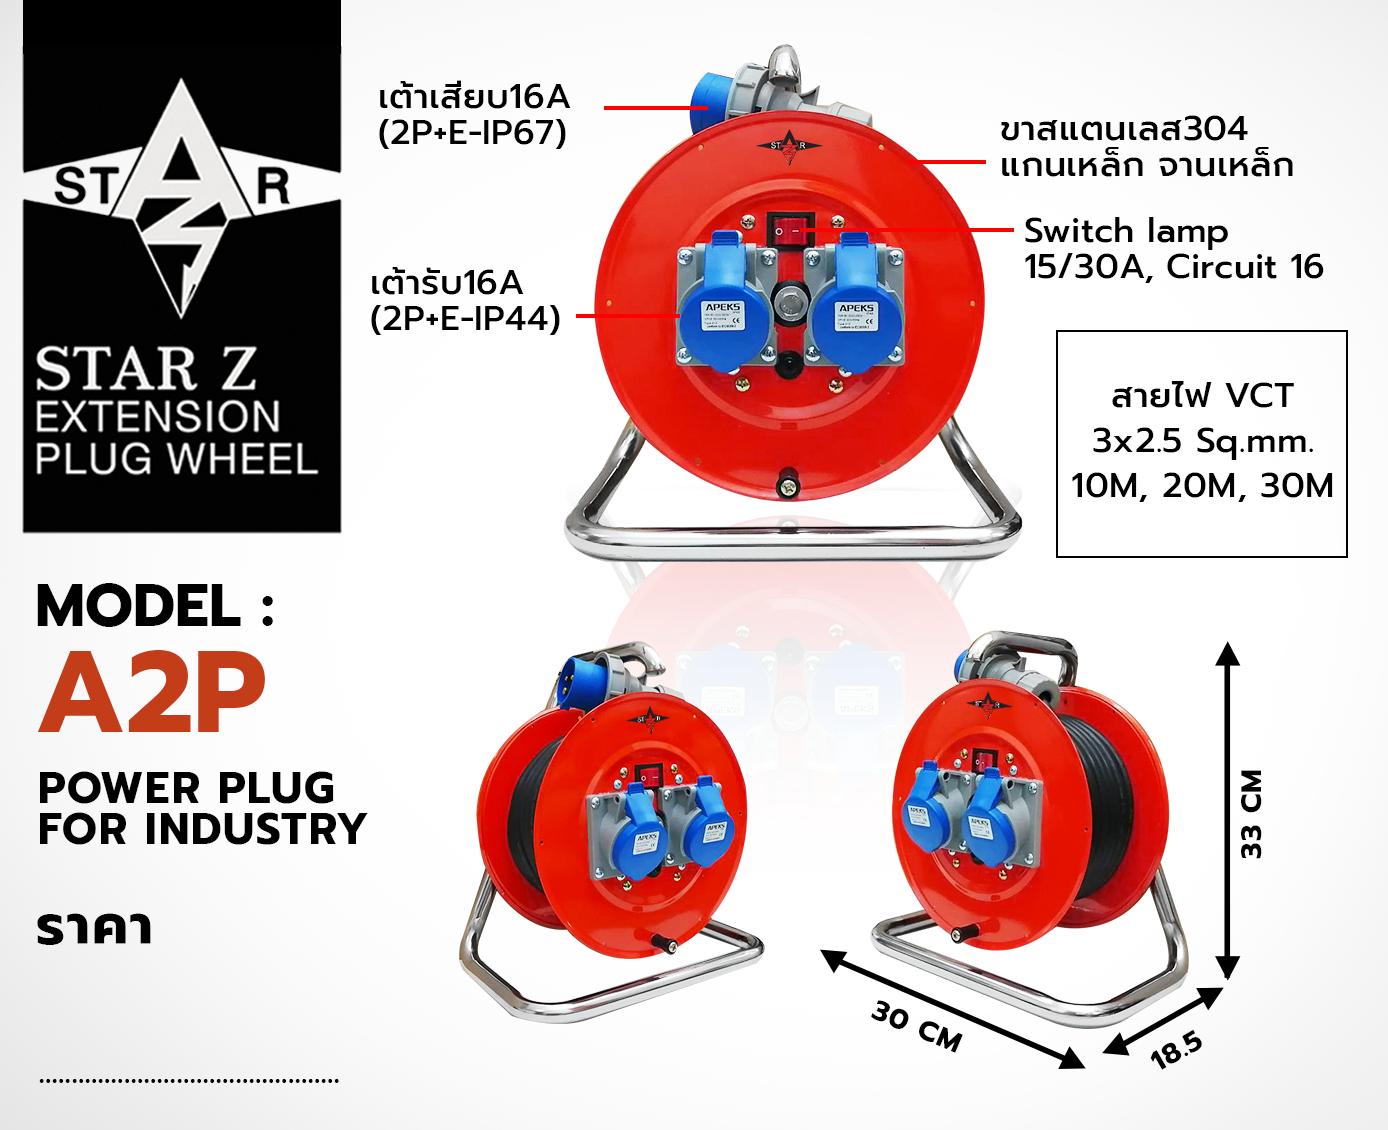 ปลั๊กพ่วงสตาร์แซท  STAR Z PLUG  ปลั๊กพ่วงเพาเวอร์ปลั๊ก  ปลั๊กพ่วงอุตสาหกรรม Power plug  for industry  ปลั๊กโรงงาน